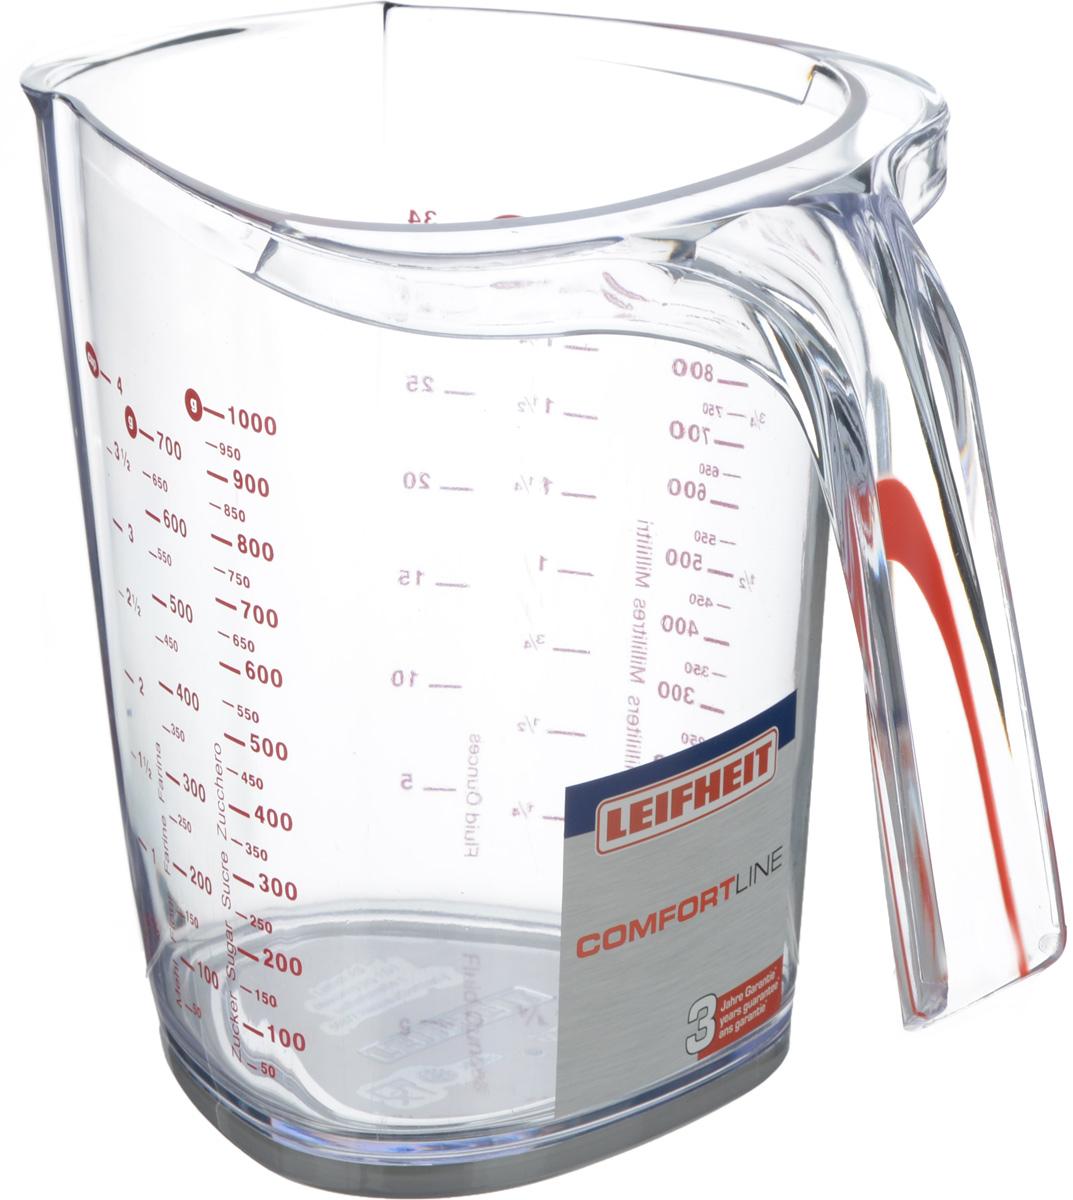 Кружка мерная Leifheit Comfortline, цвет: прозрачный, красный, 1 л03048Мерная кружка Leifheit Comfortline, выполненная из ударопрочного пластика, поможет дозировать любые продукты и вещества. Устойчива к механическим повреждениям и агрессивным средам. На стенке кружки имеются отдельные мерные шкалы для различных продуктов. Изделие устойчиво благодаря прорезиненному основанию.Размер кружки (по верхнему краю): 14,5 х 13,2 см.Высота кружки: 15,8 см.